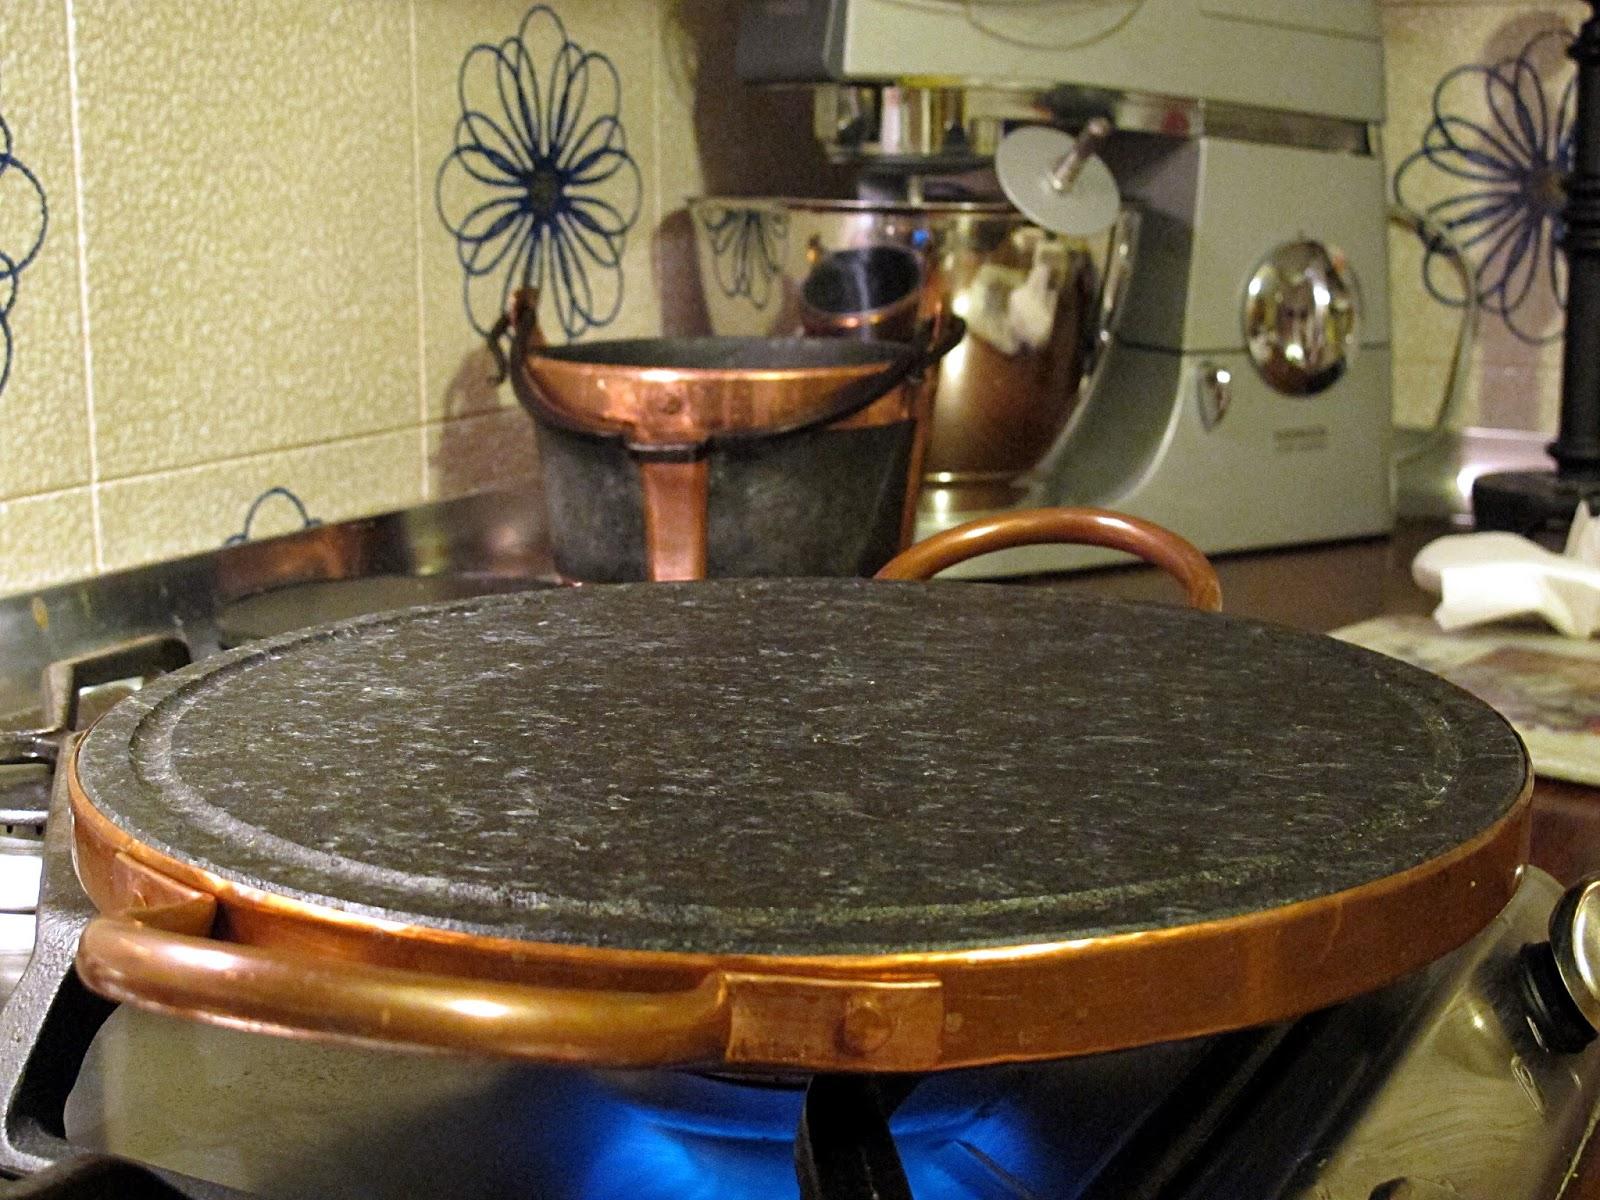 e molto importante scaldarla bene perch la cottura della tagliata va fatta a calore alto in modo che si formi una bella crosticina esterna e linterno